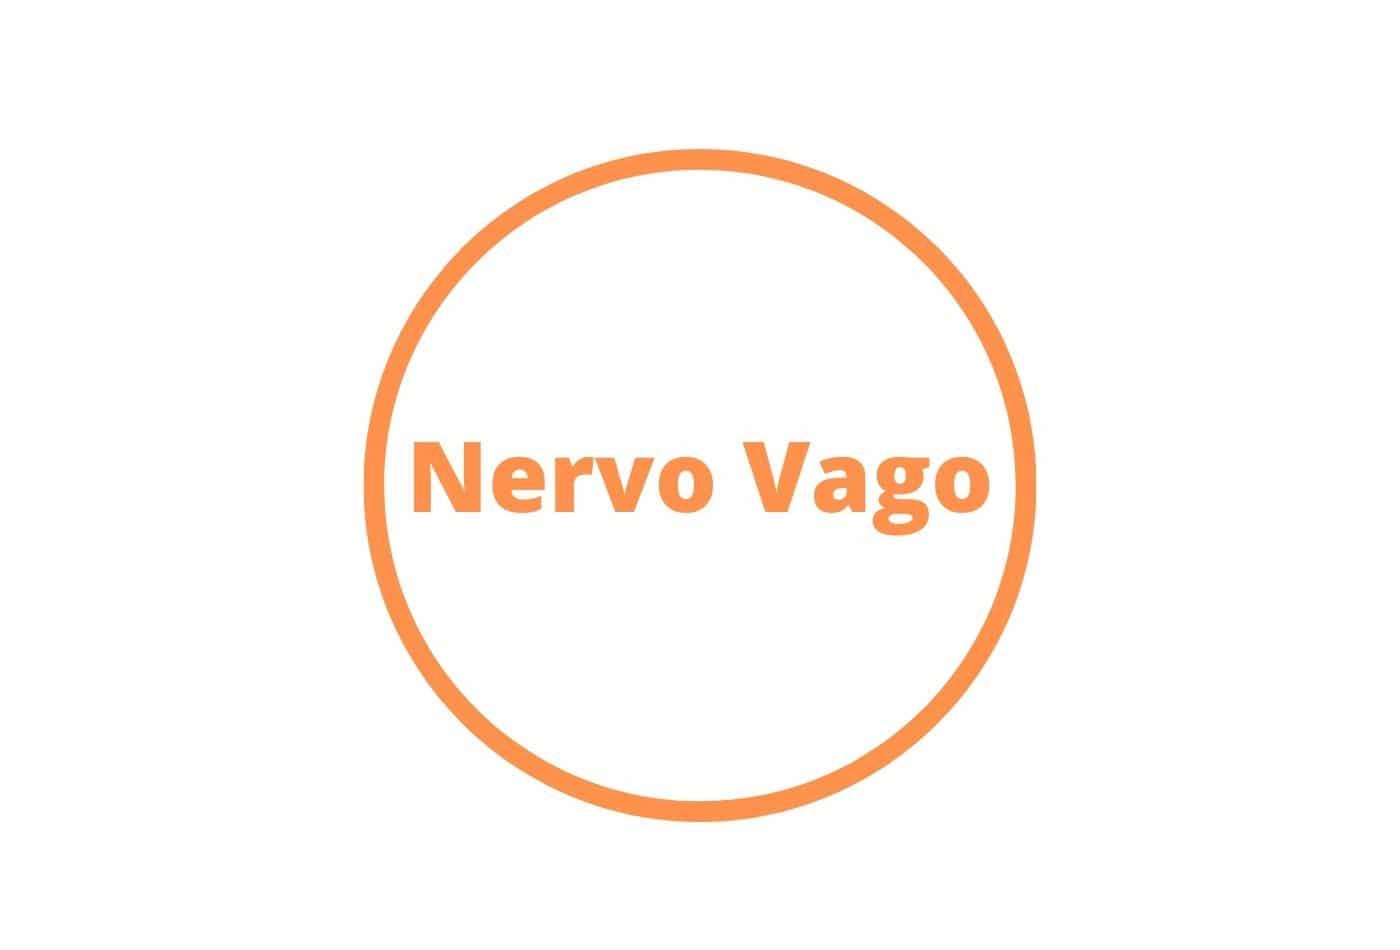 Nervo Vago, piacere di conoscerti!